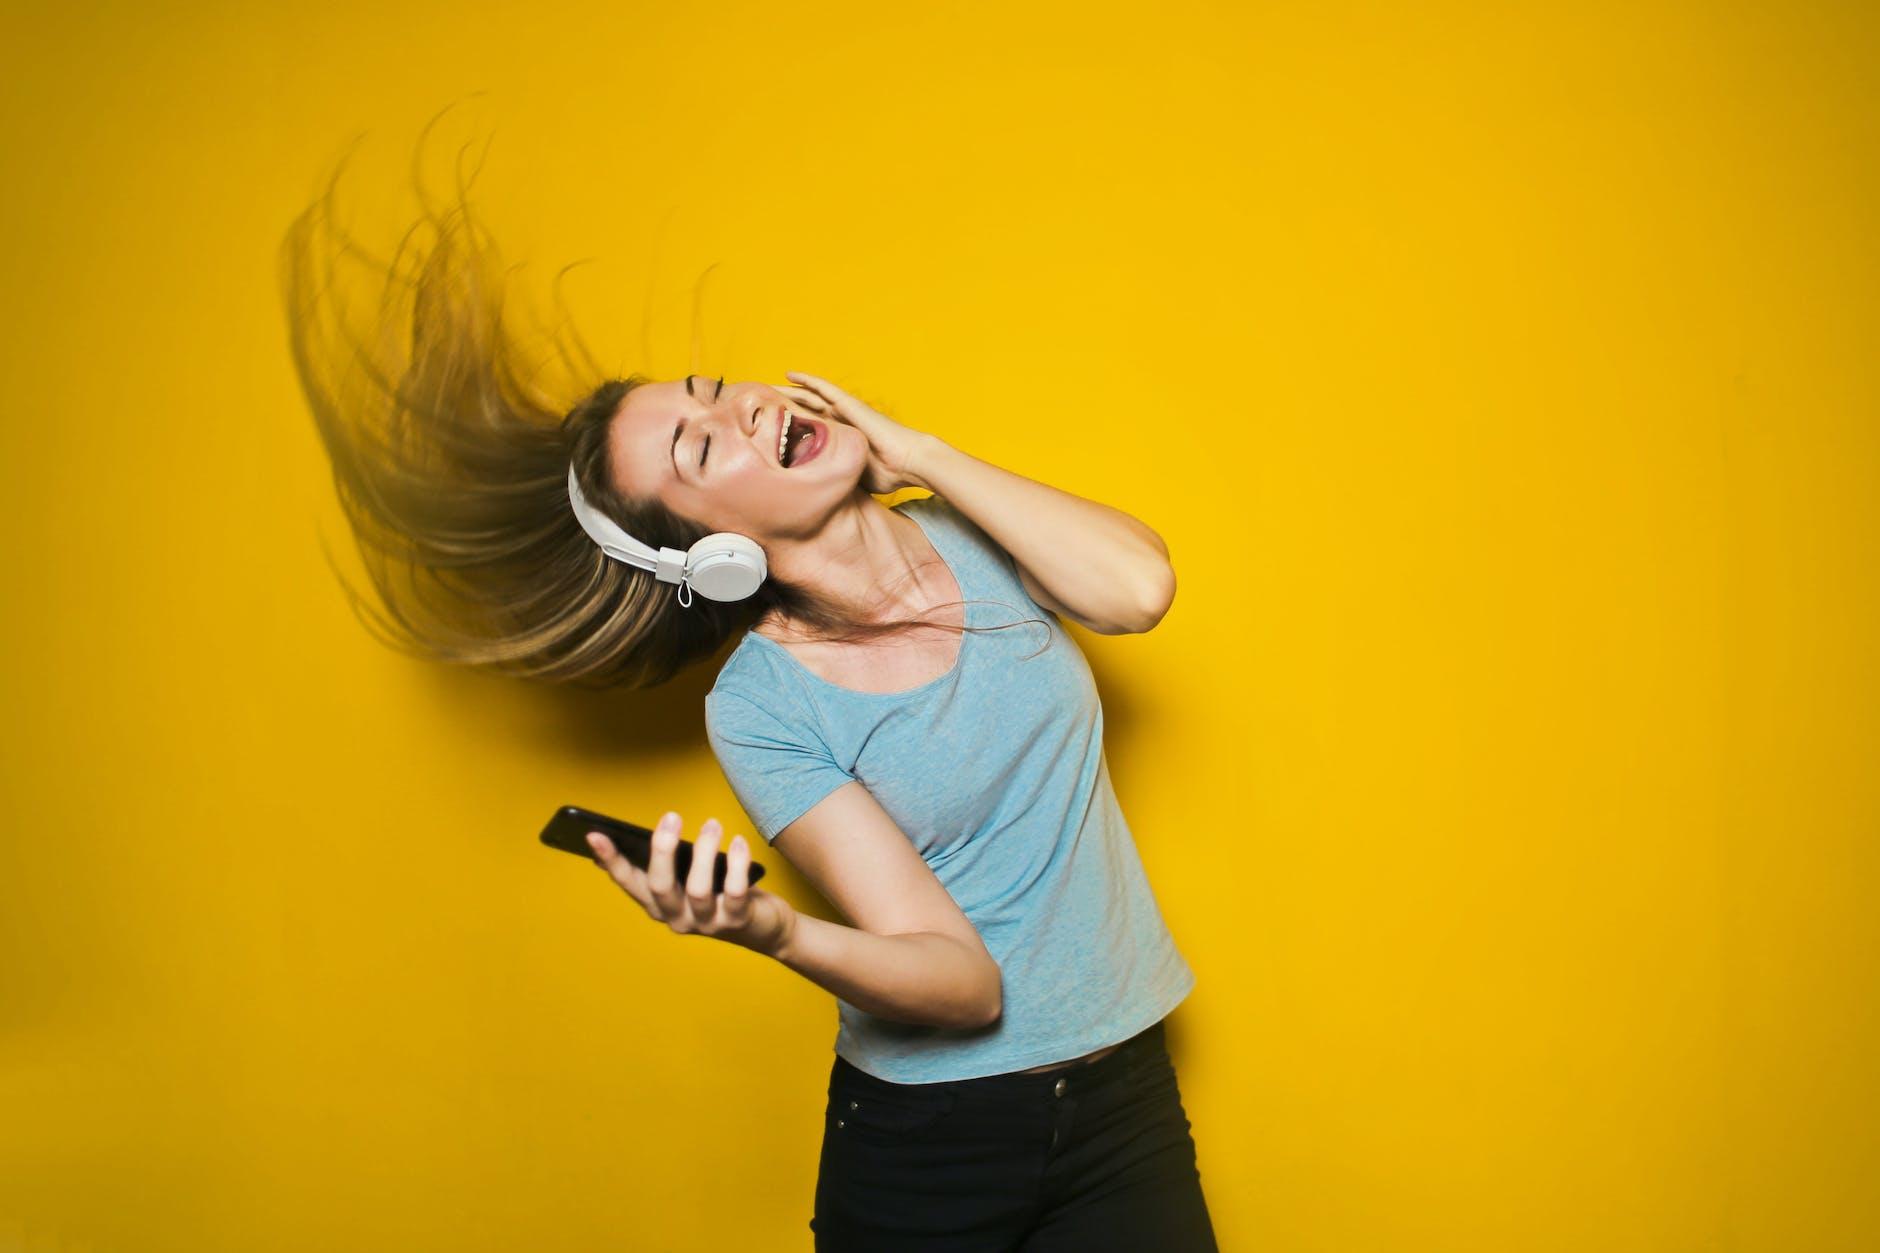 Girl singing along to music